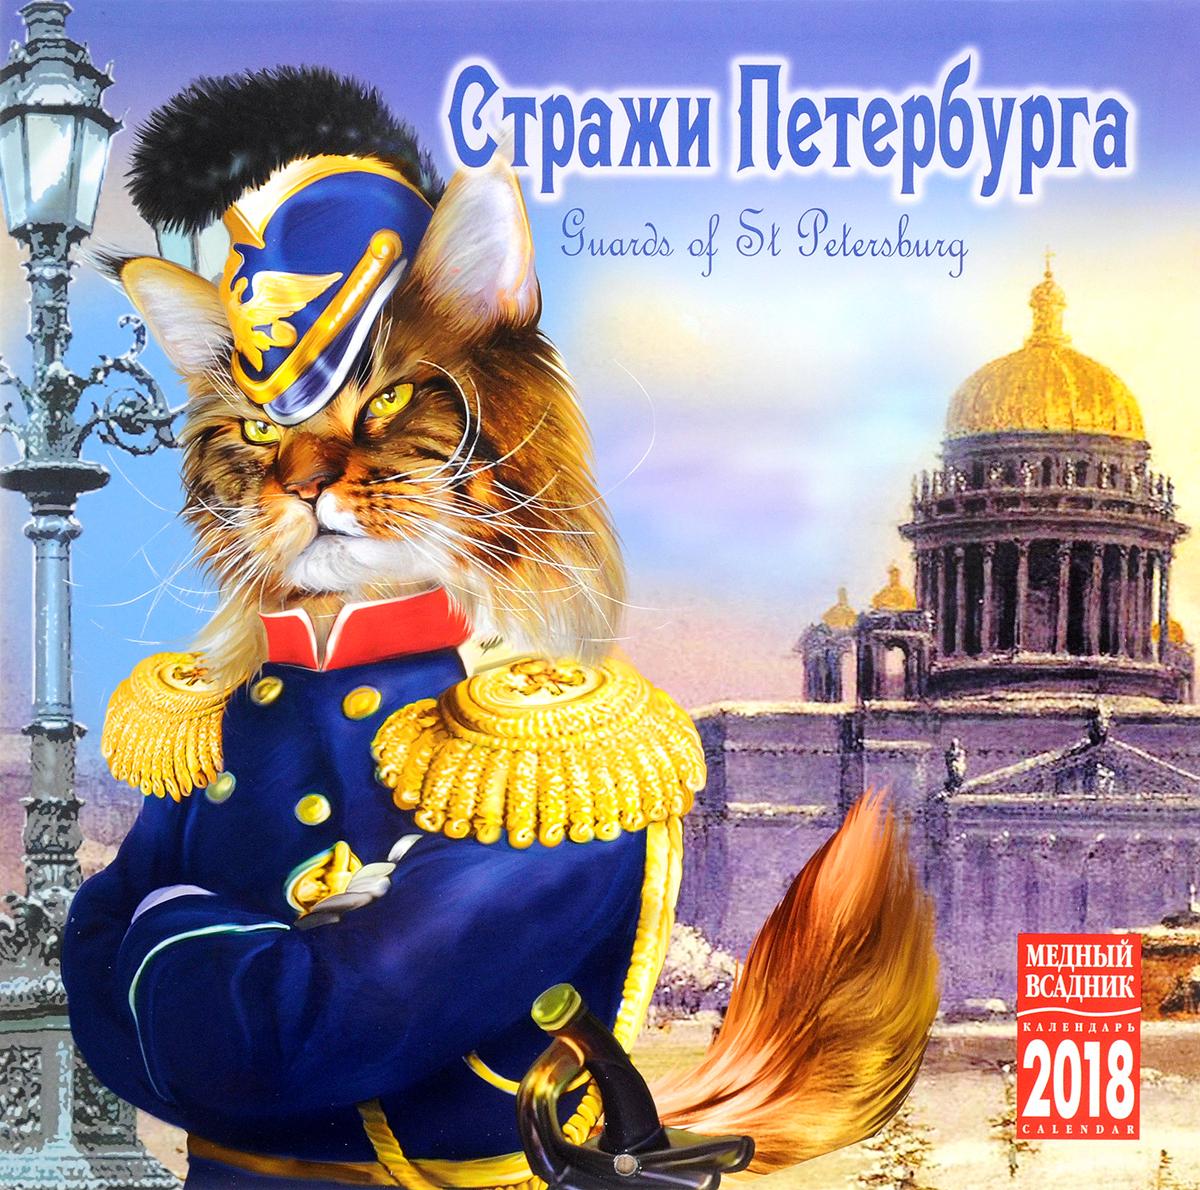 Календарь 2018 (на скрепке). Стражи Петербурга / Guards of St Petersburg